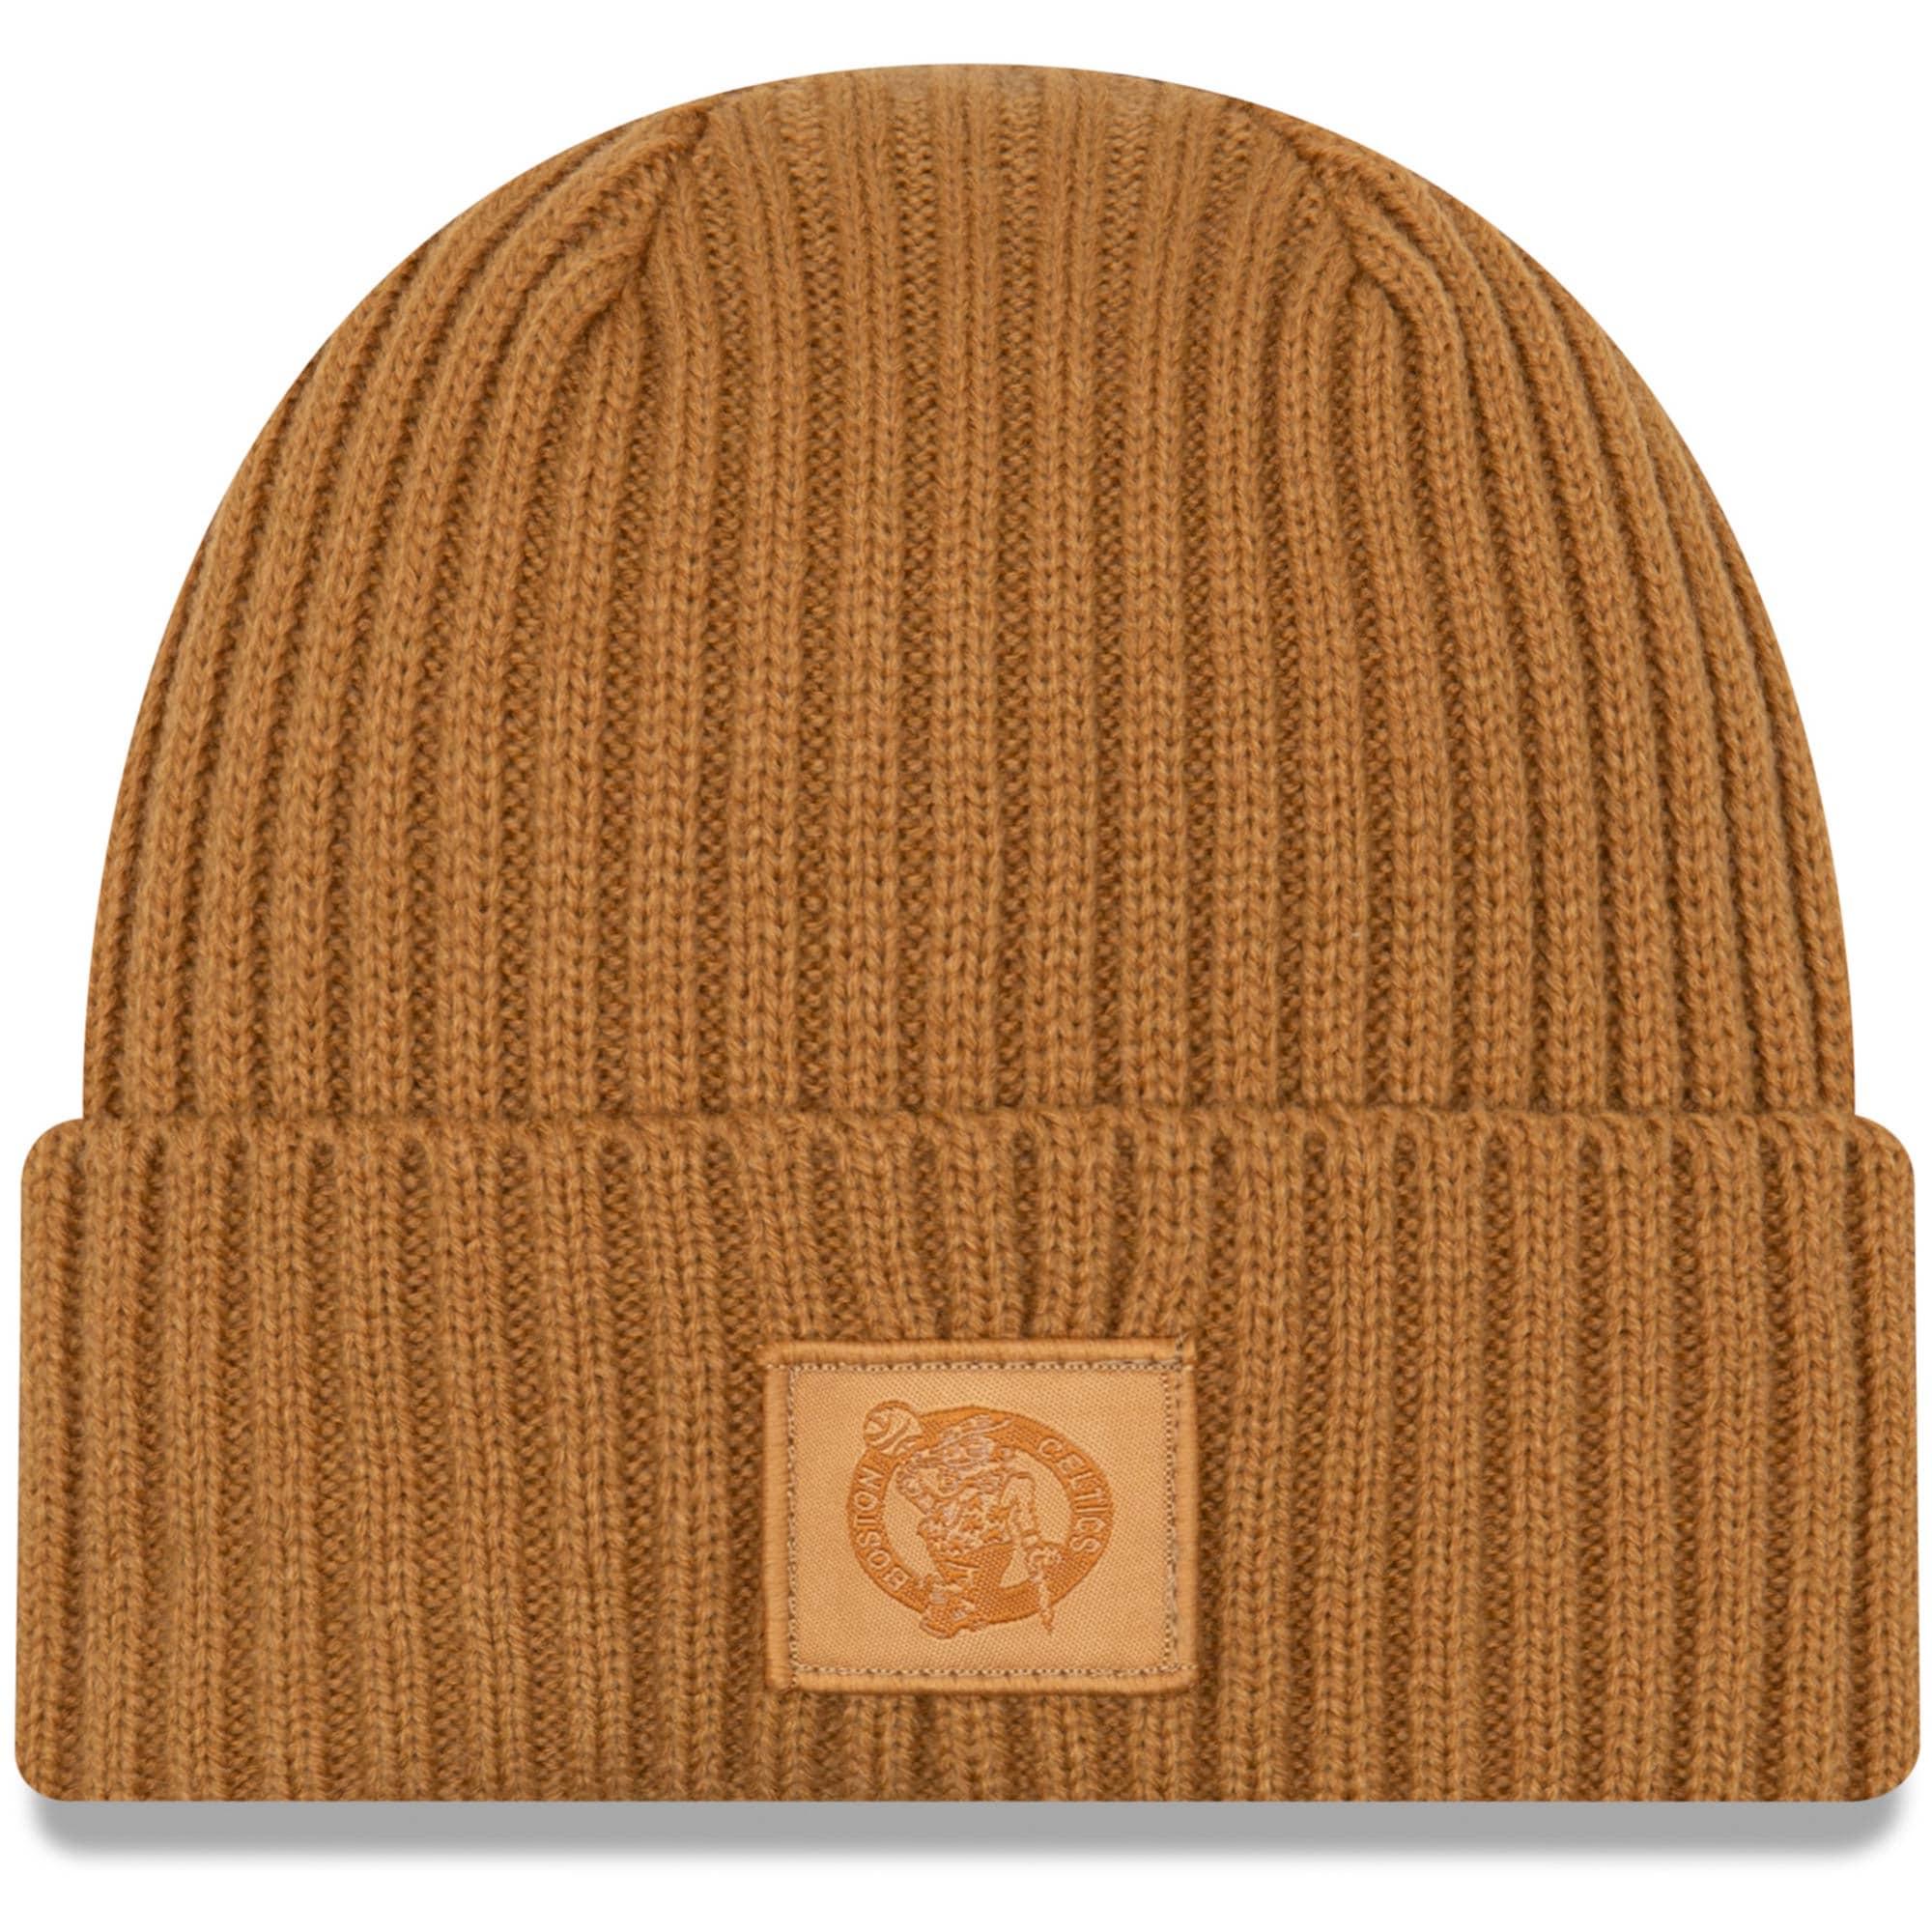 Boston Celtics New Era Label Cuffed Knit Hat - Tan